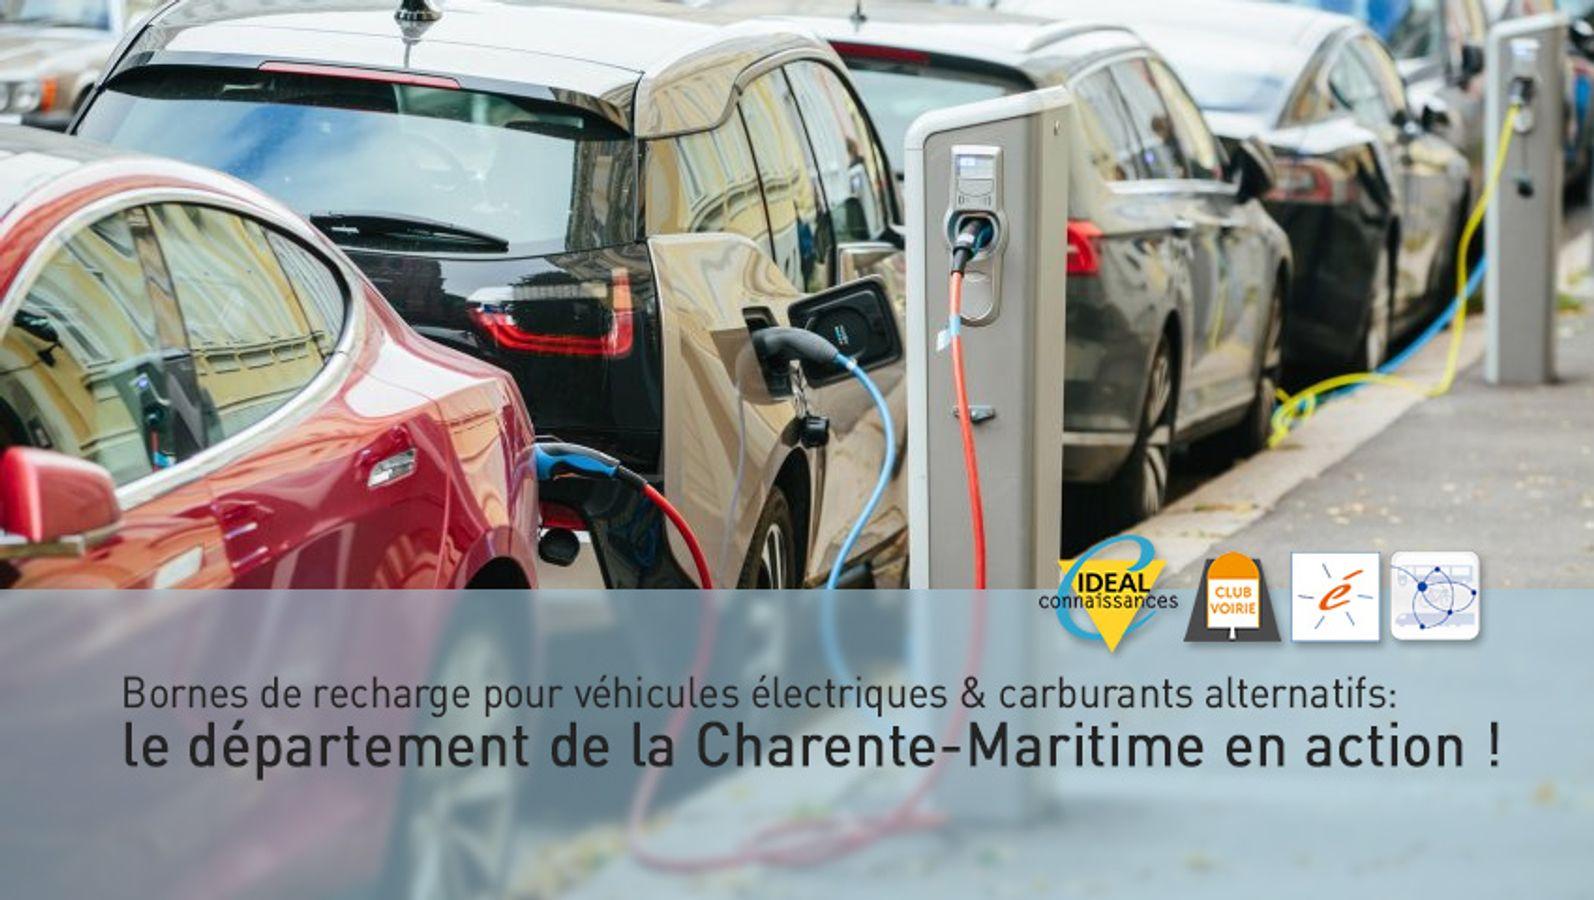 Bornes de recharge pour véhicules électriques & carburants alternatifs: le département de la Charente-Maritime en action !